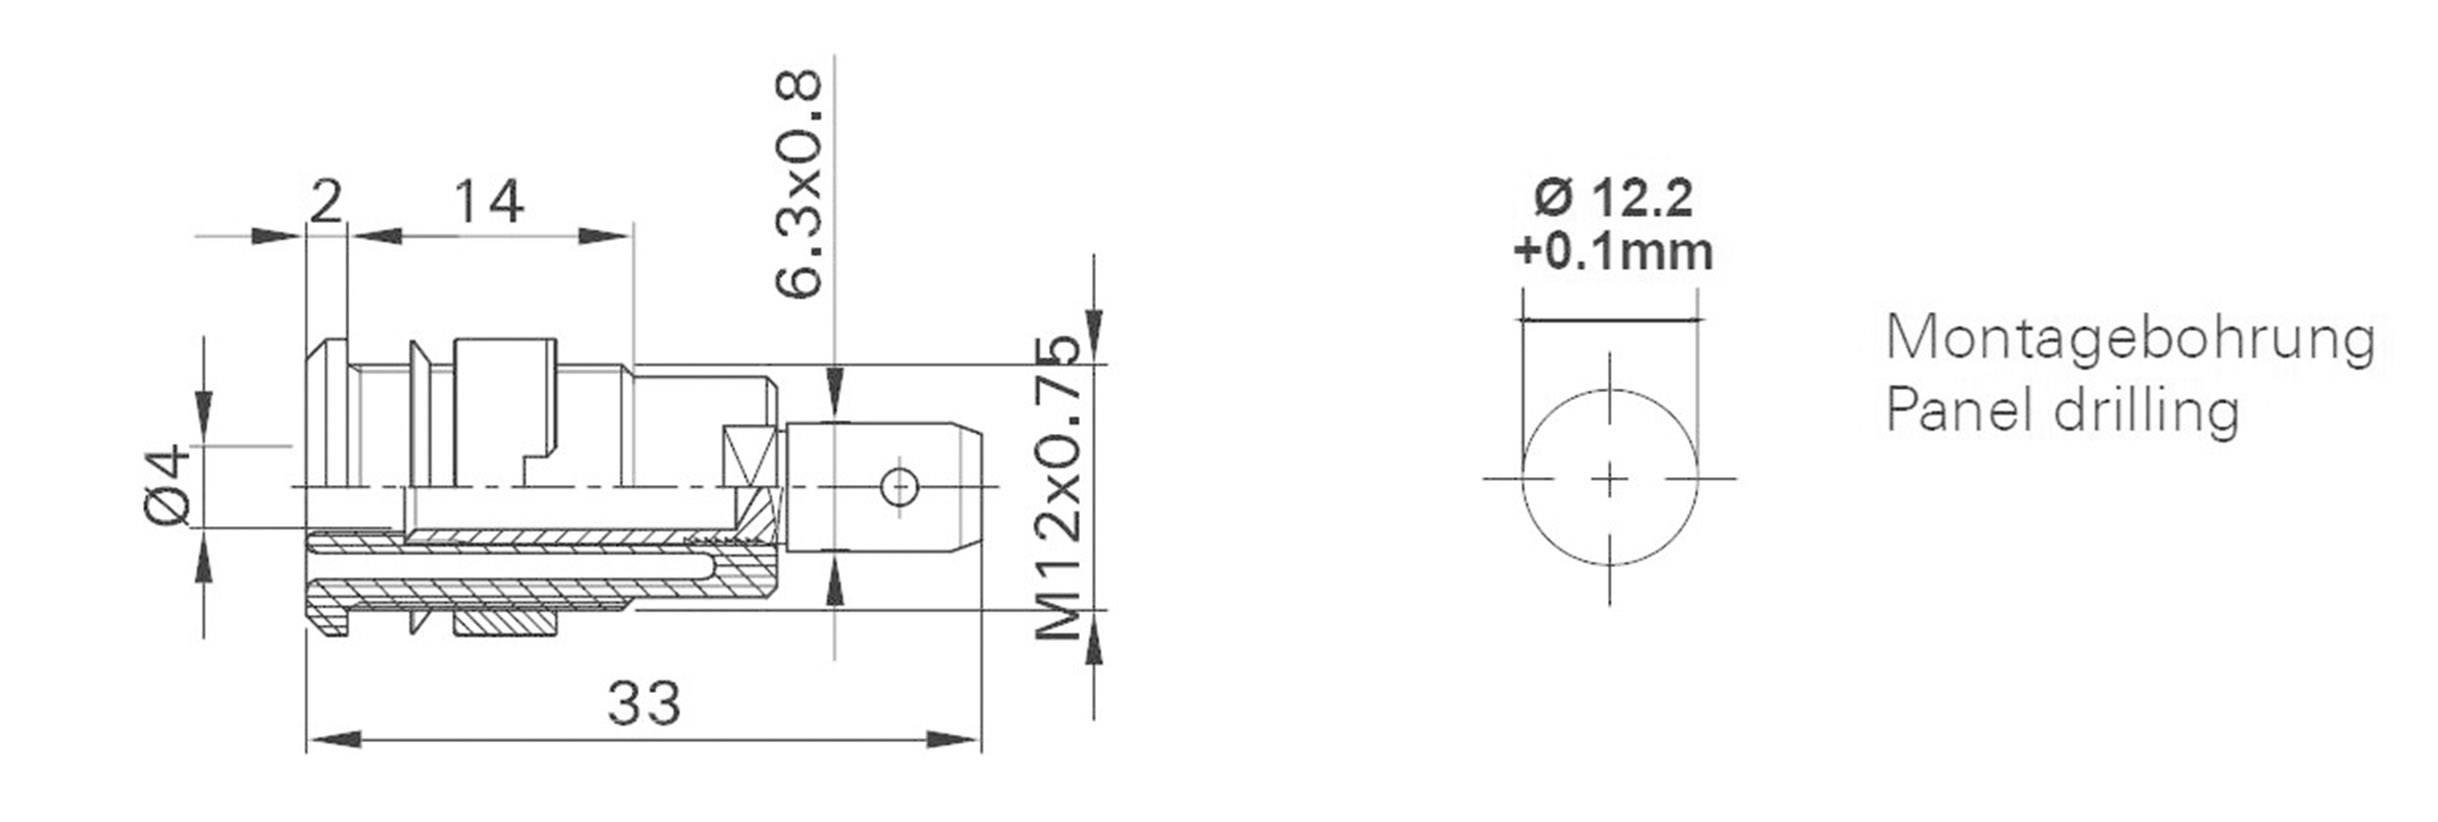 Bezpečnostná laboratórna zásuvka Stäubli SLB 4-F6,3 – zásuvka, vstavateľná vertikálna, Ø hrotu: 4 mm, červená, 1 ks